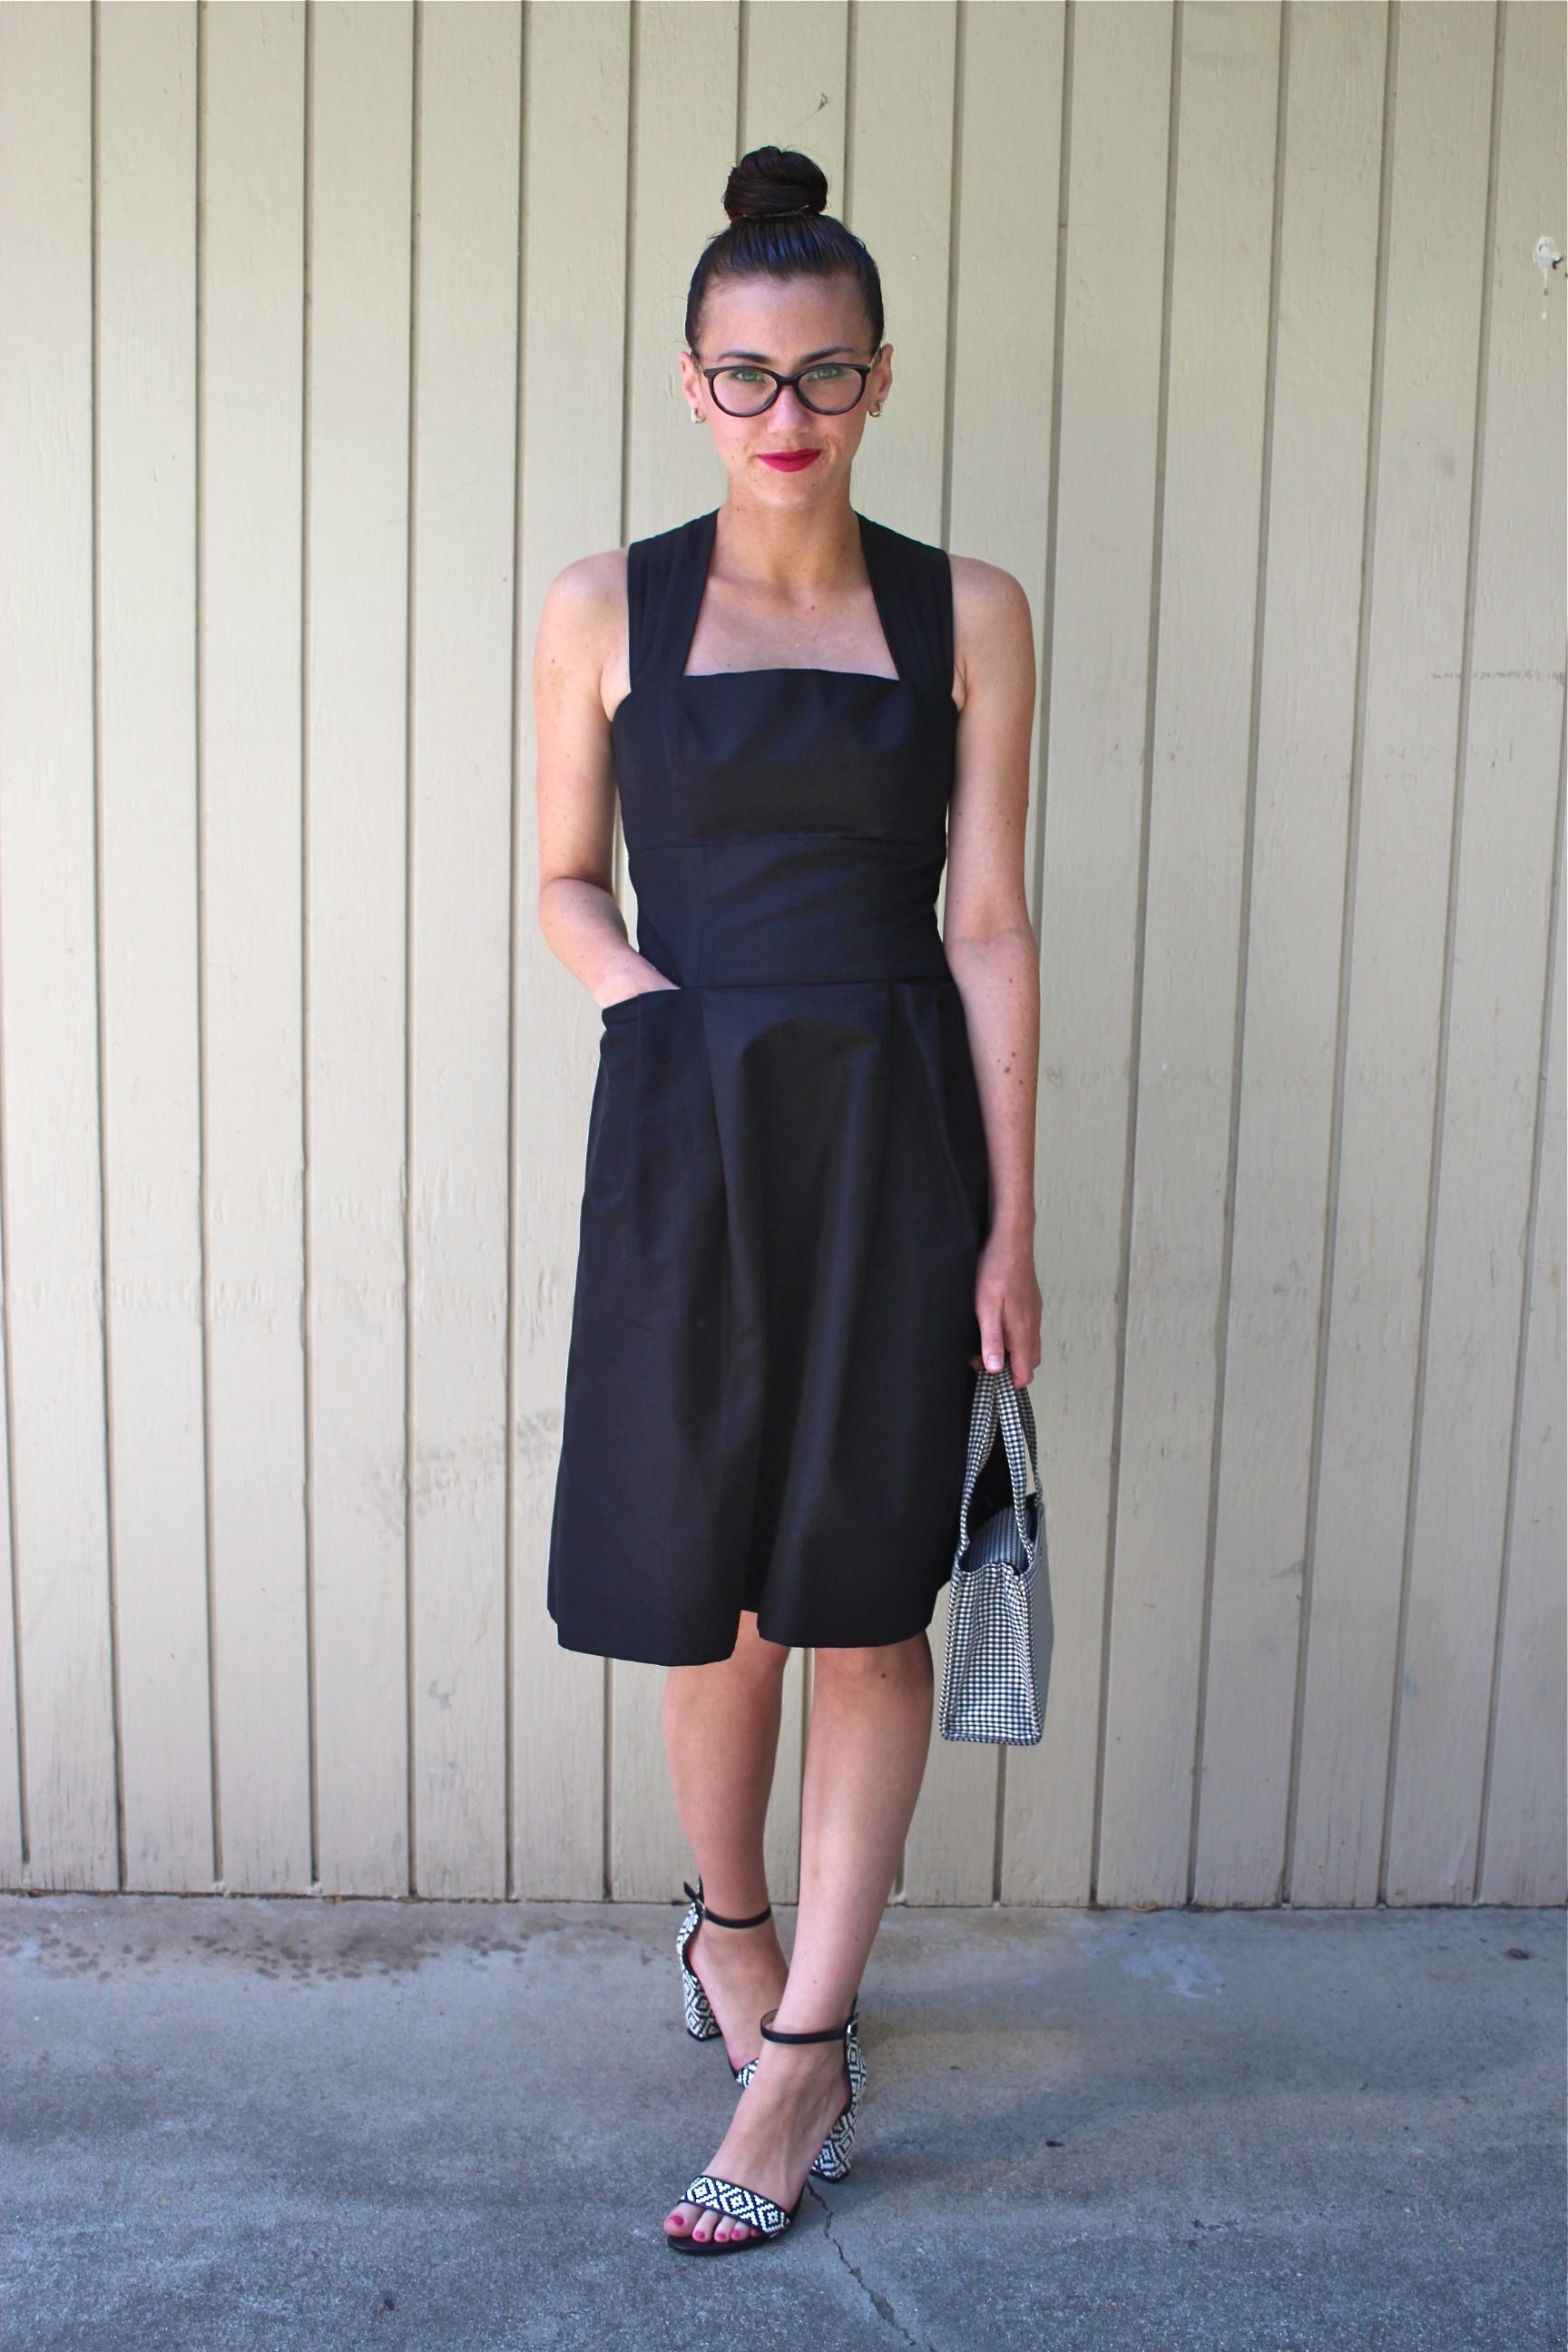 Dress: Mirror Of Venus, Anthropologie; Heels: Zara; Bag: Kate Spade